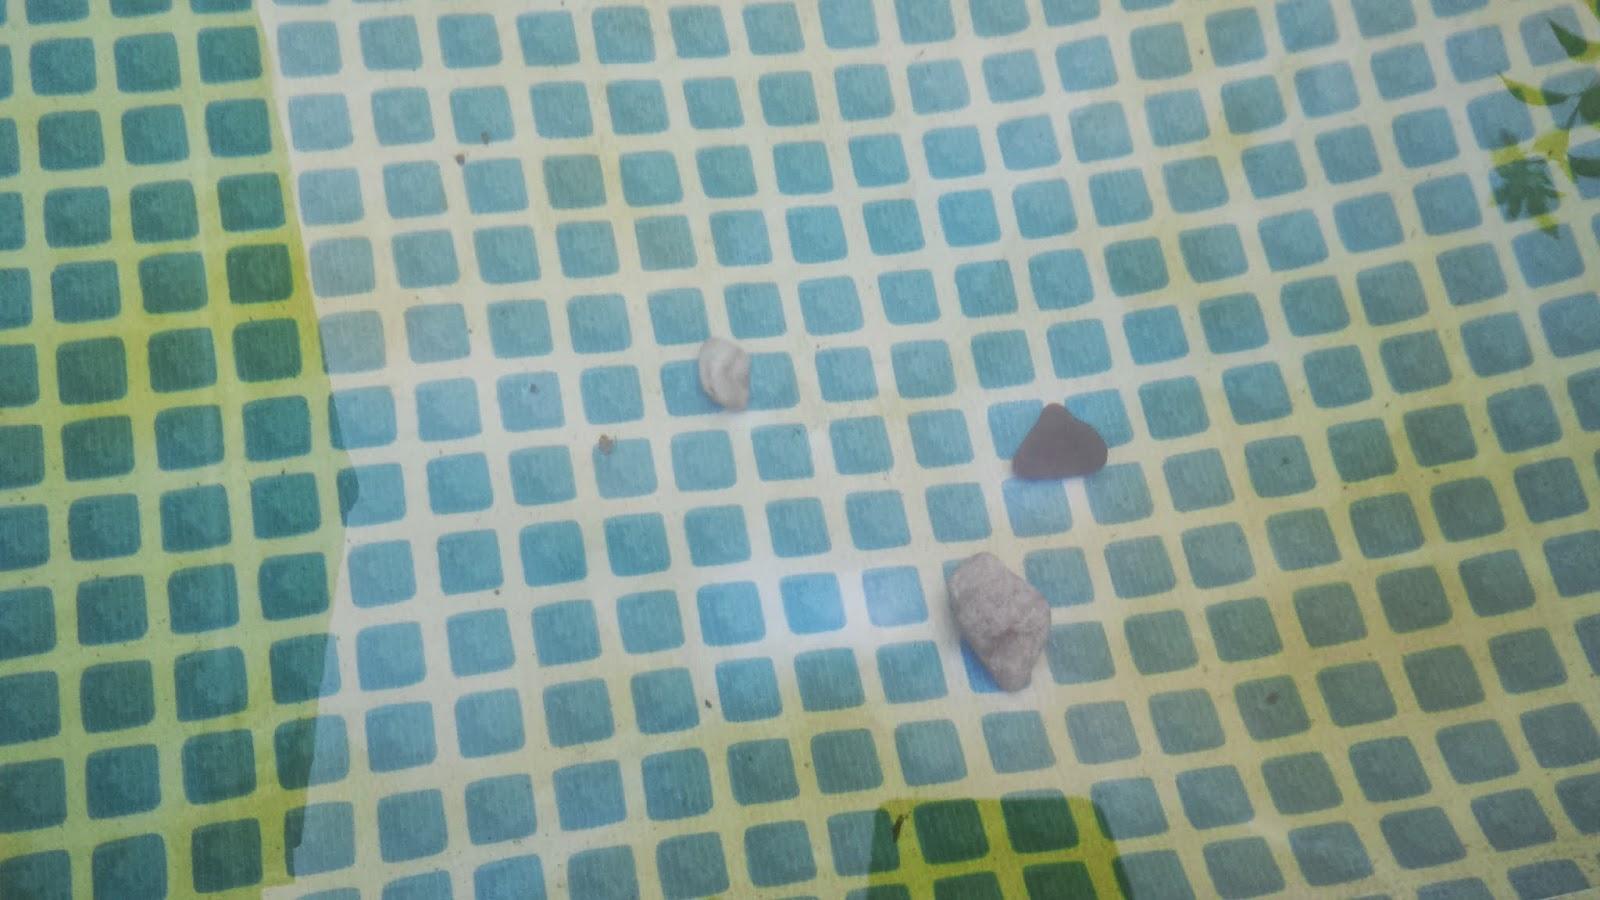 Steine liegen am Poolboden